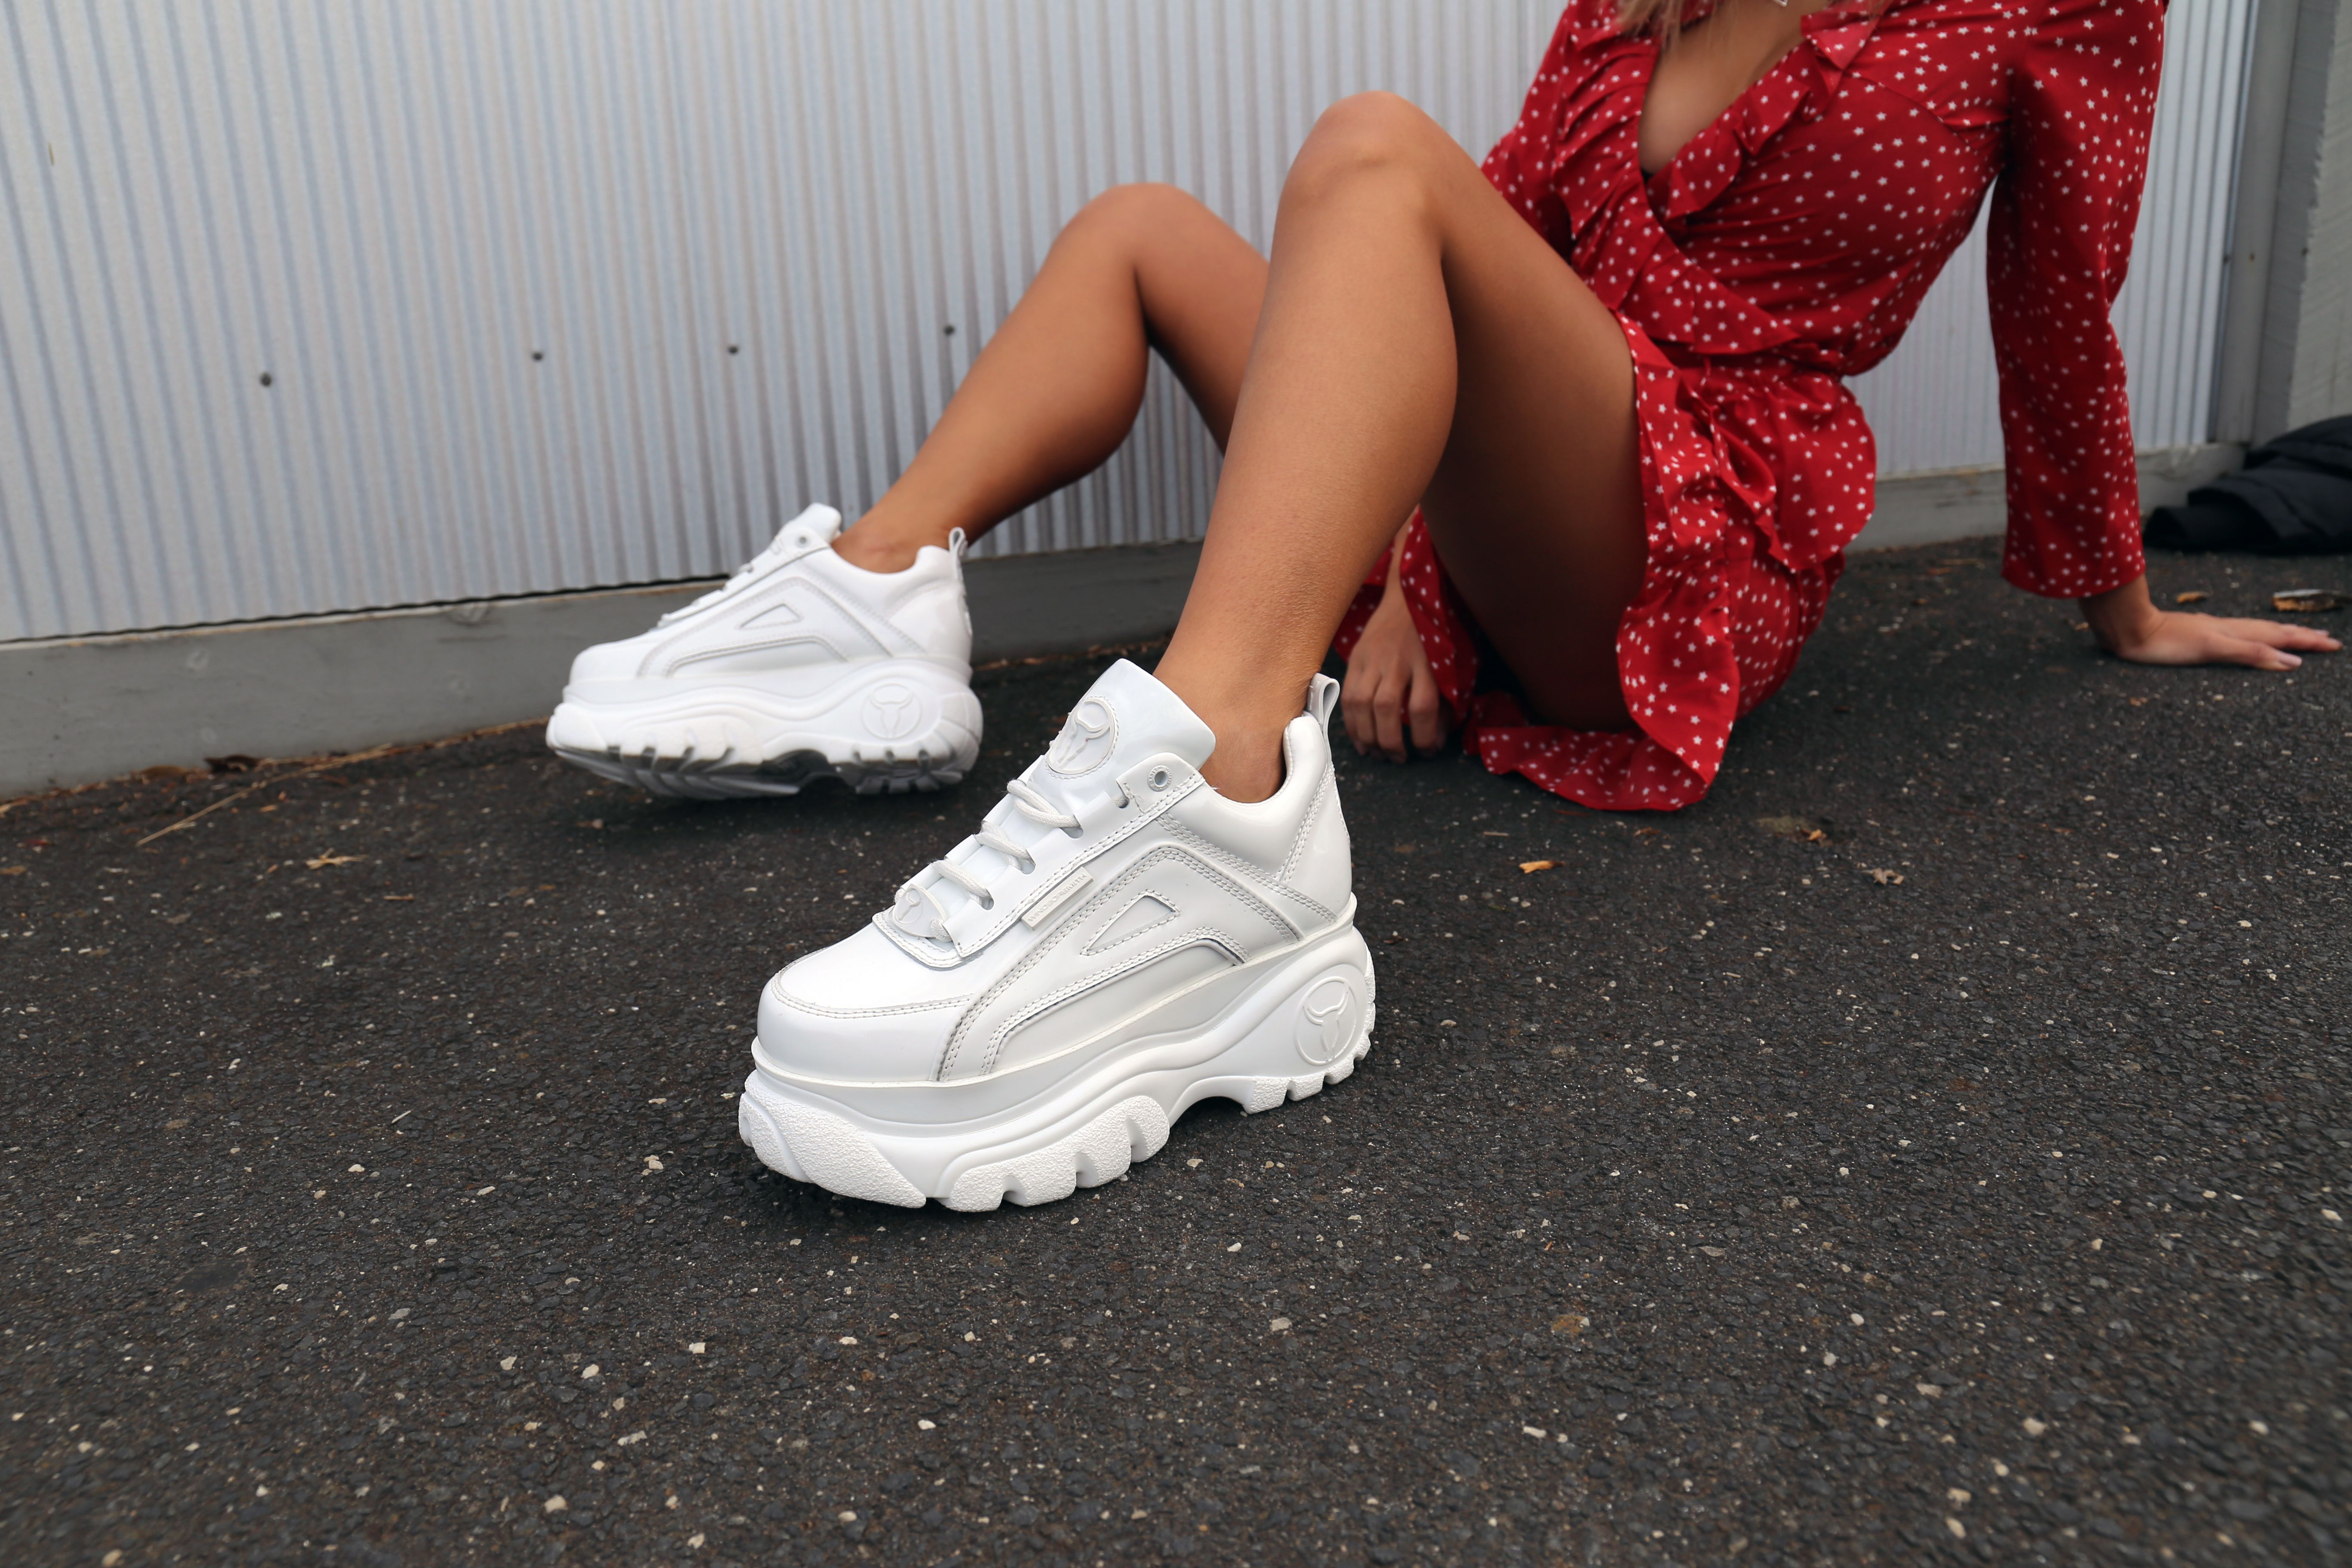 Pin af E M M A på Footwear | Sko sneakers, Sko, Sneakers